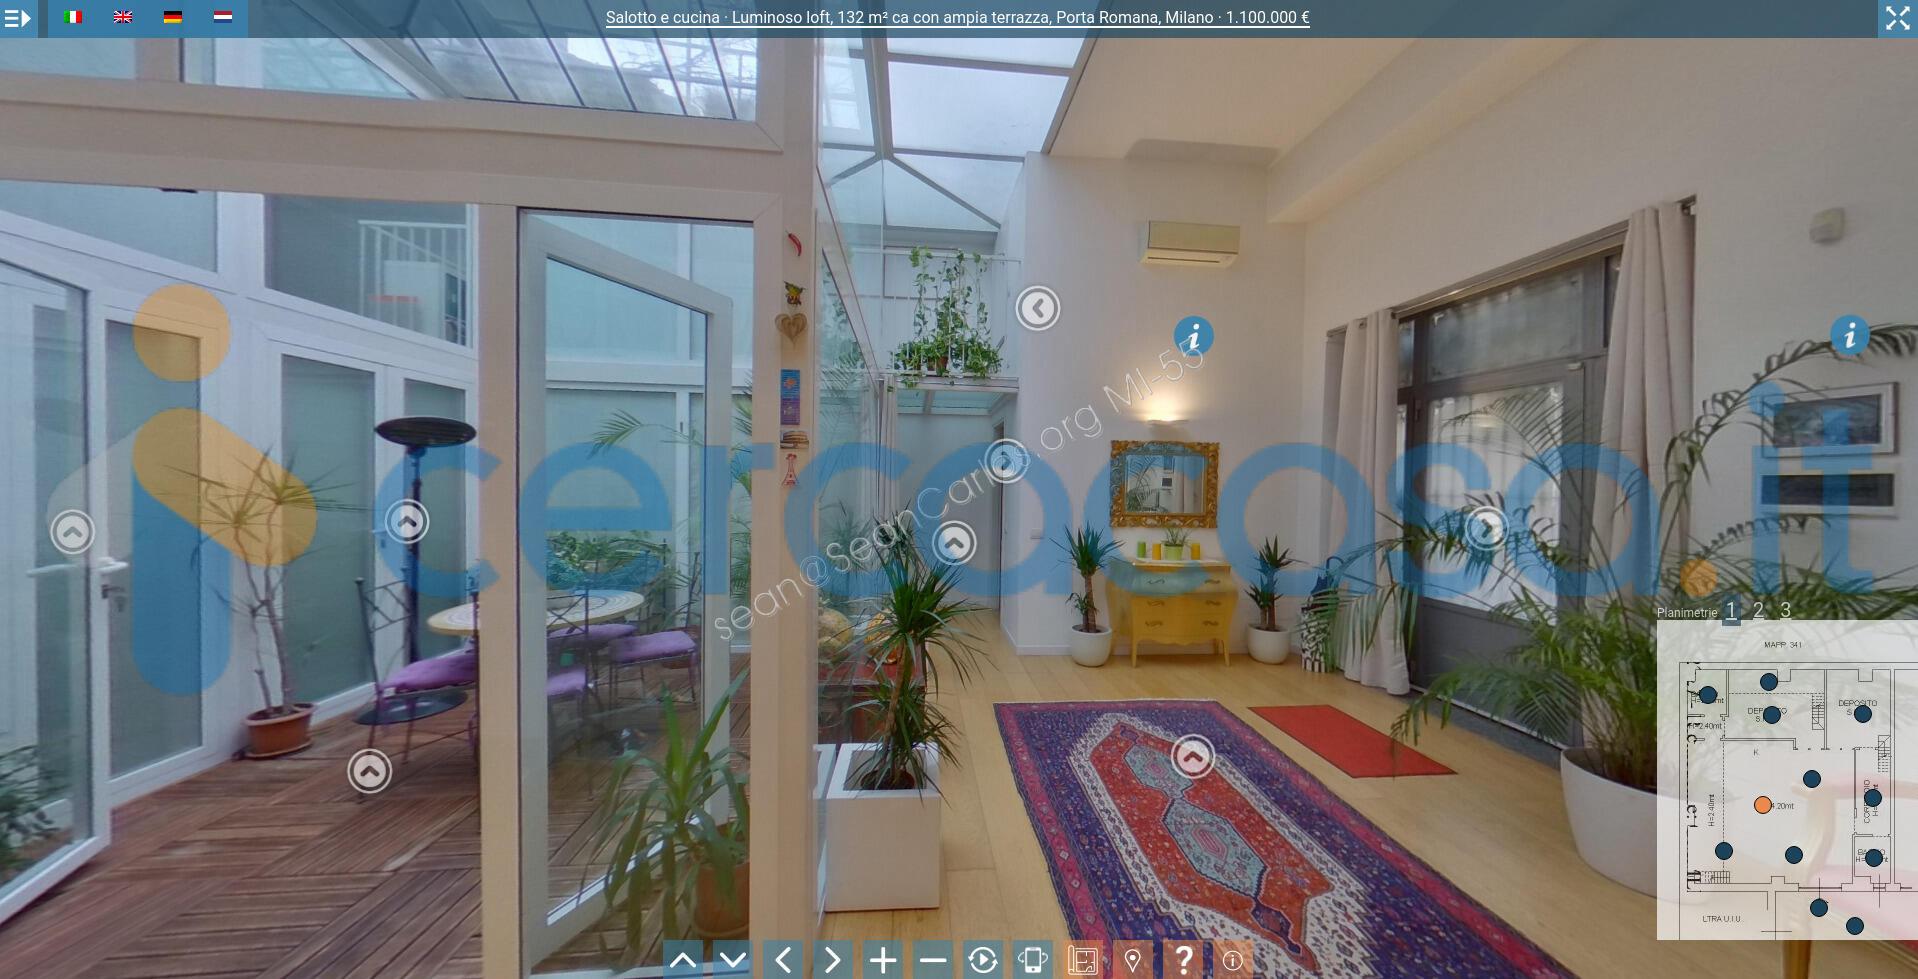 _splendido-loft-luminoso-e-ventilato-con-terrazza__002c-a-sole-3-fermate-dal-centro-citt__00e0